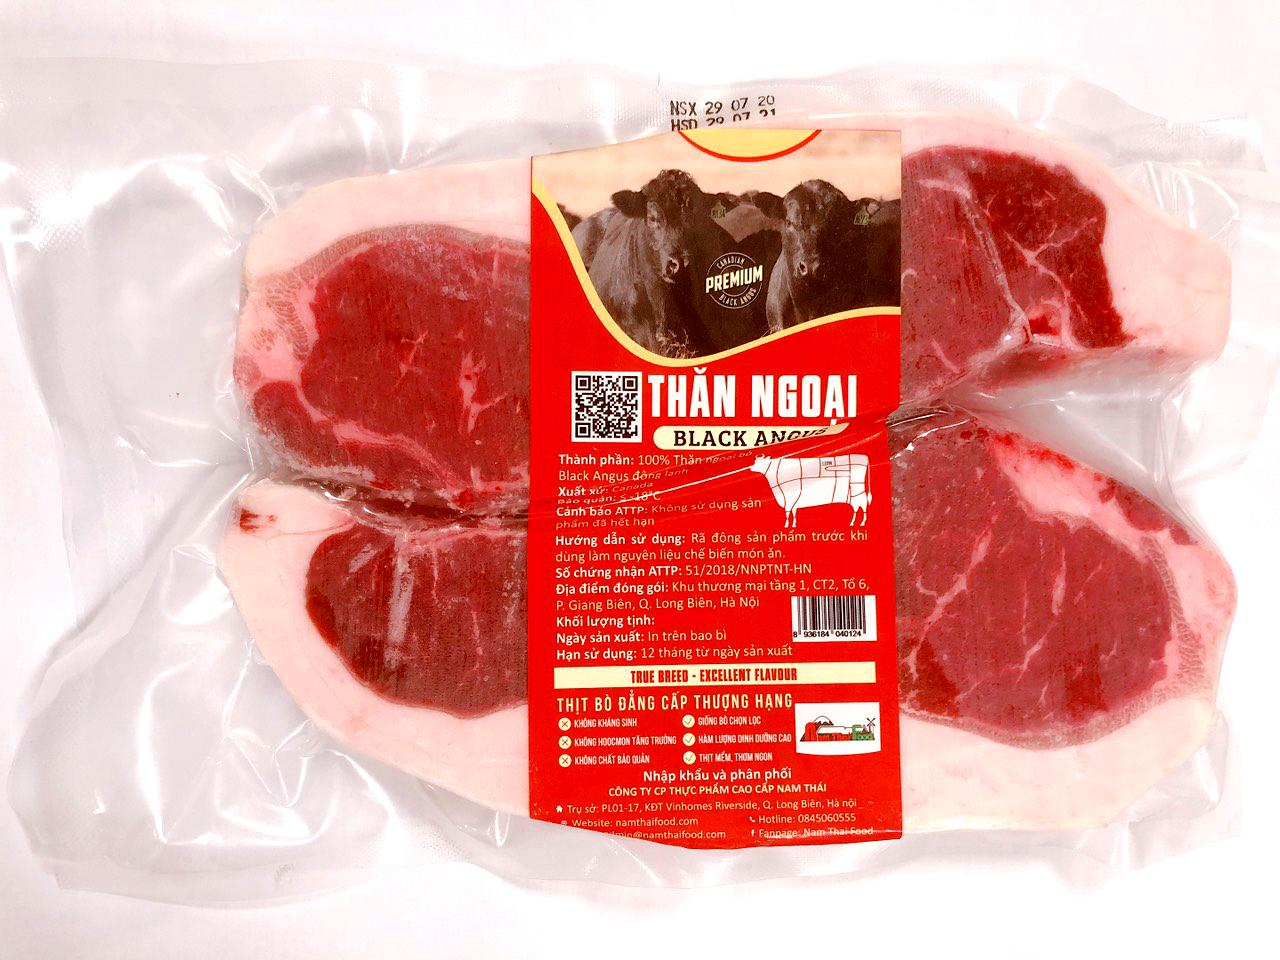 Thăn ngoại bò Black Angus Canada (Striploin) 1kg